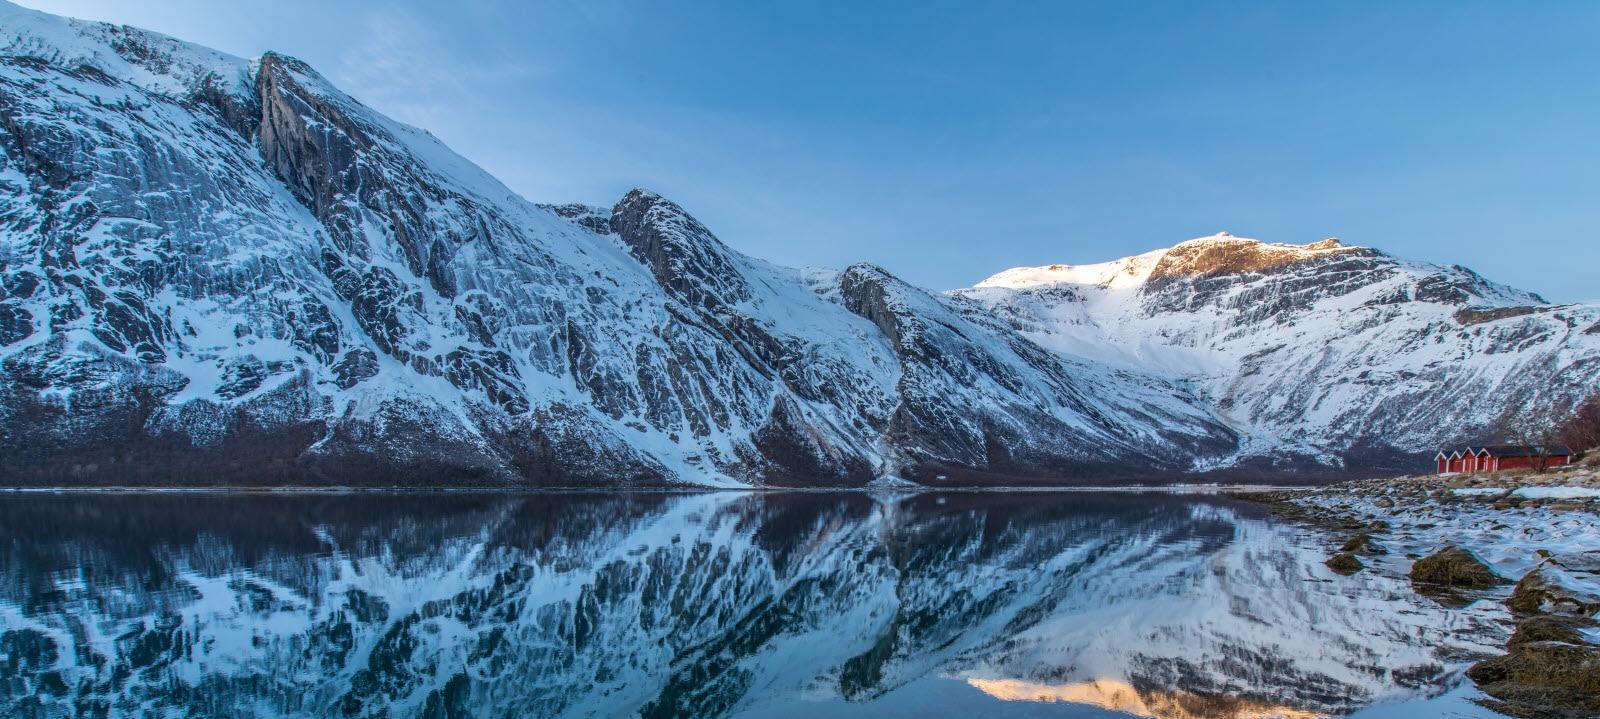 gratis nettdating Flekkefjord